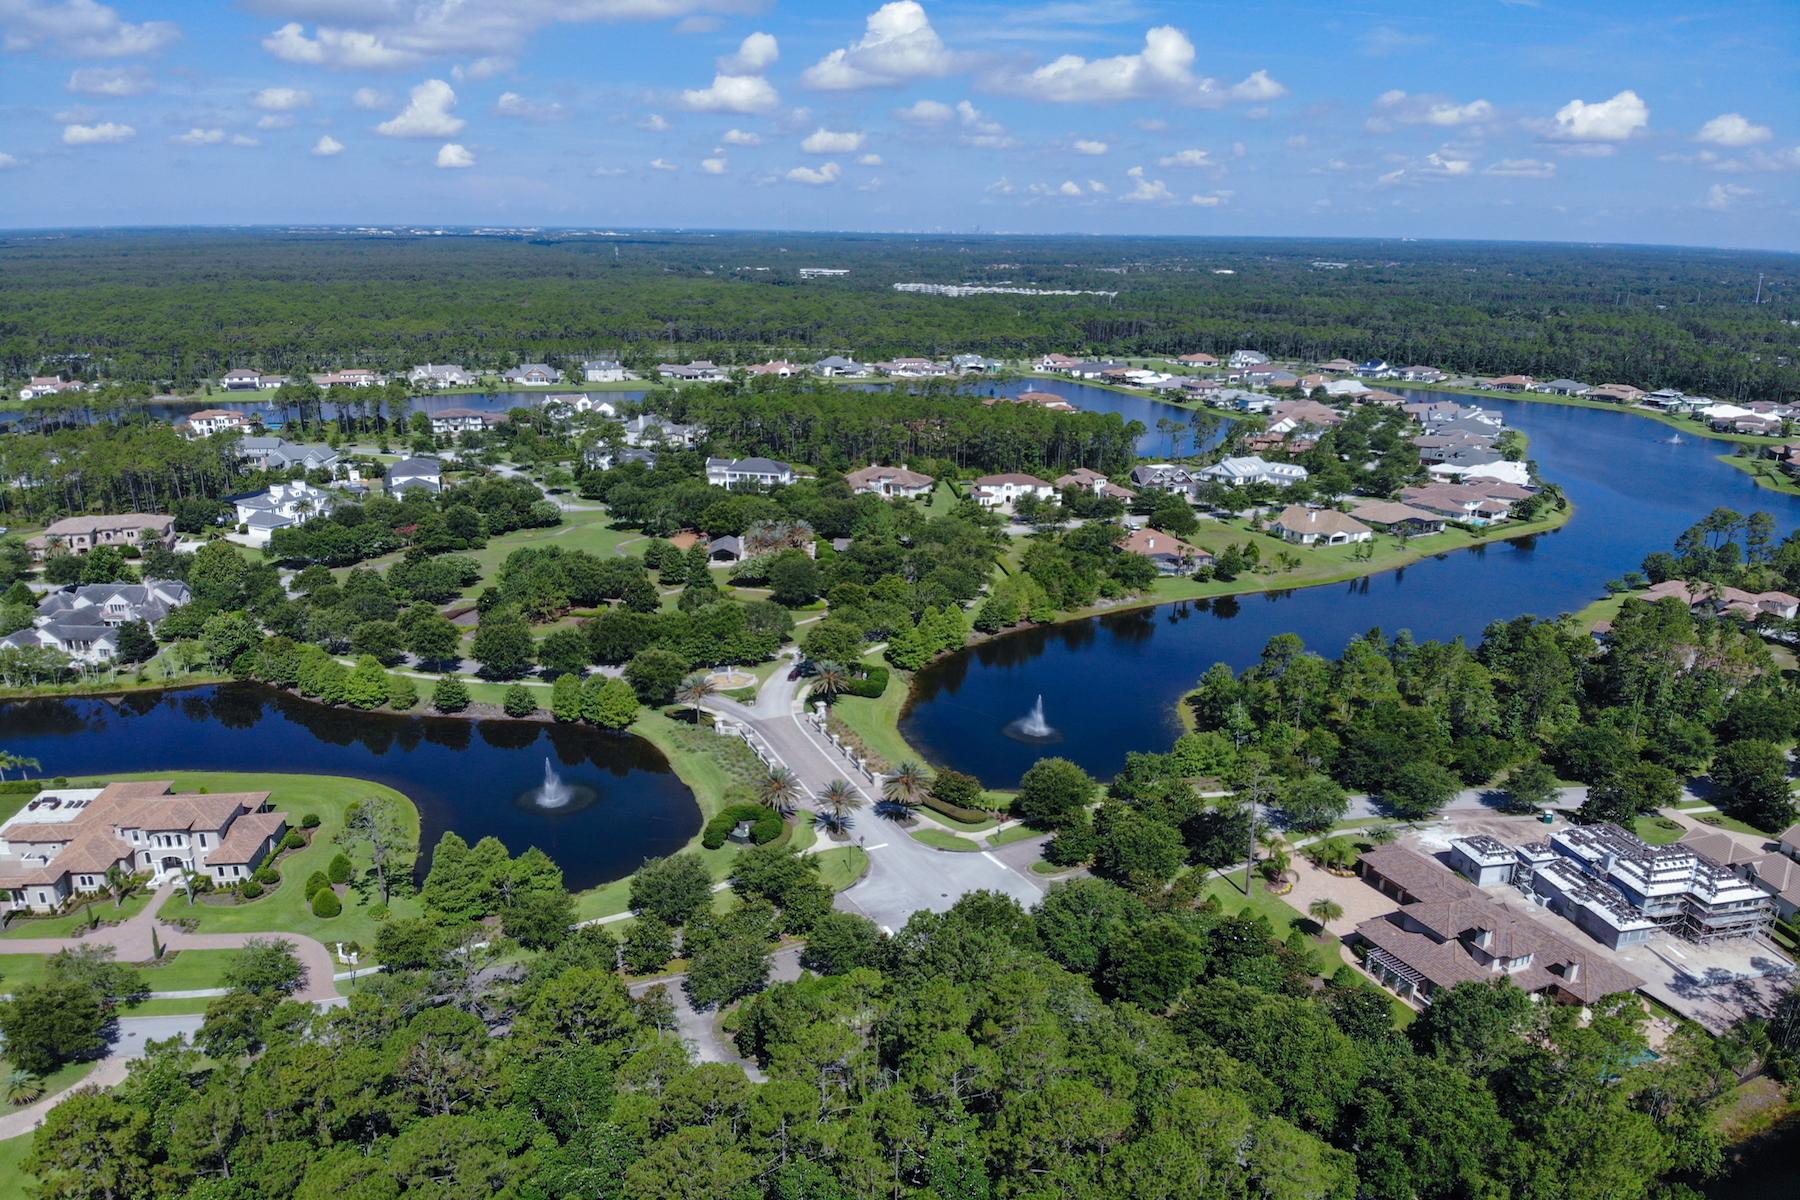 Terreno por un Venta en Beautiful Lakefront Estate Lot in Pablo Creek Reserve 5288 Hidden Hollow Ct Jacksonville, Florida 32224 Estados Unidos